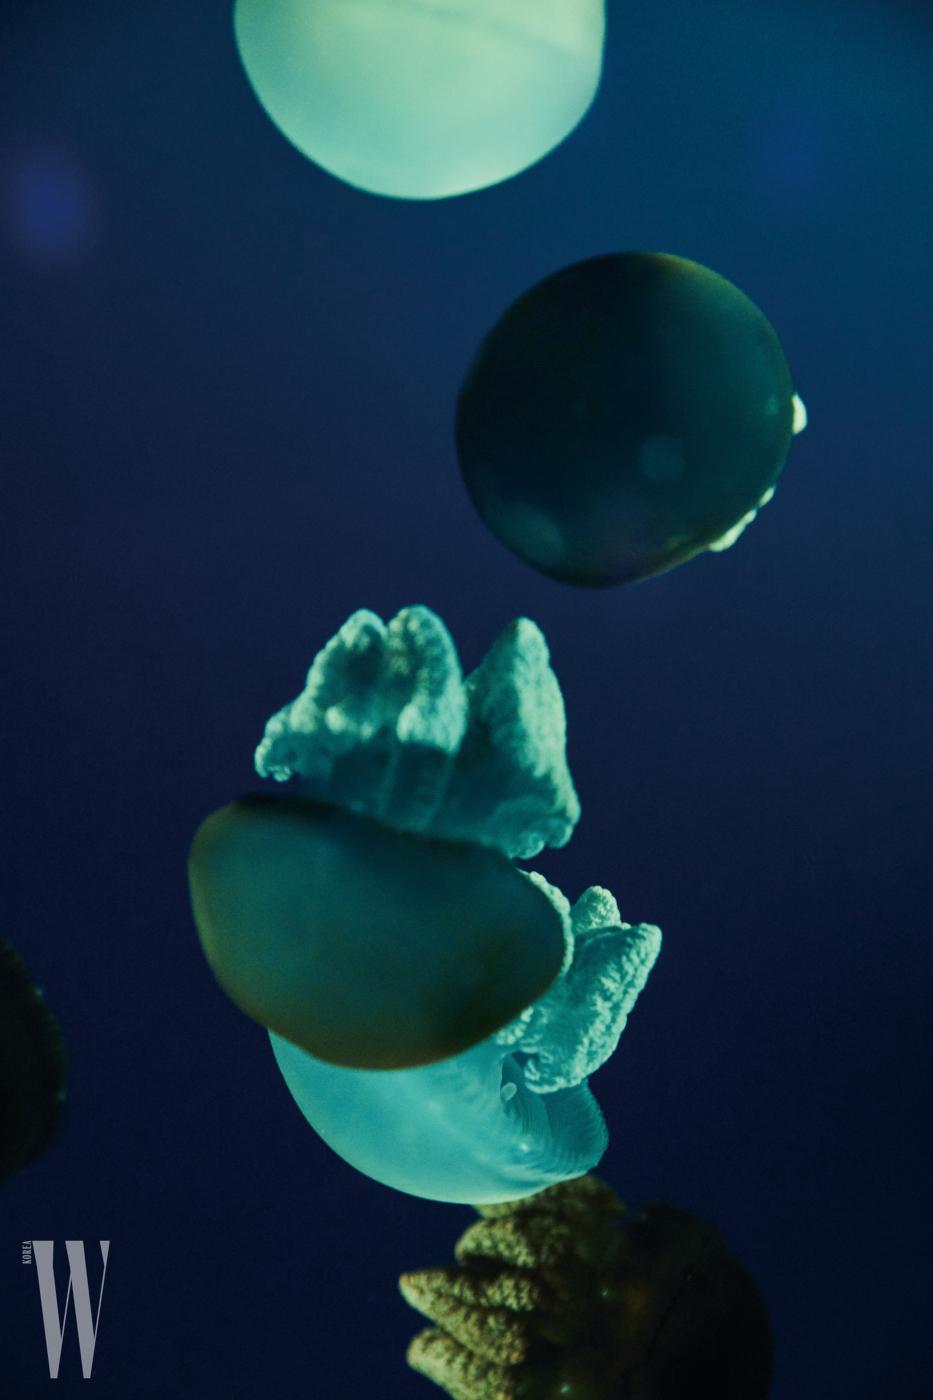 둥근 형태의 말레이원양 해파리.